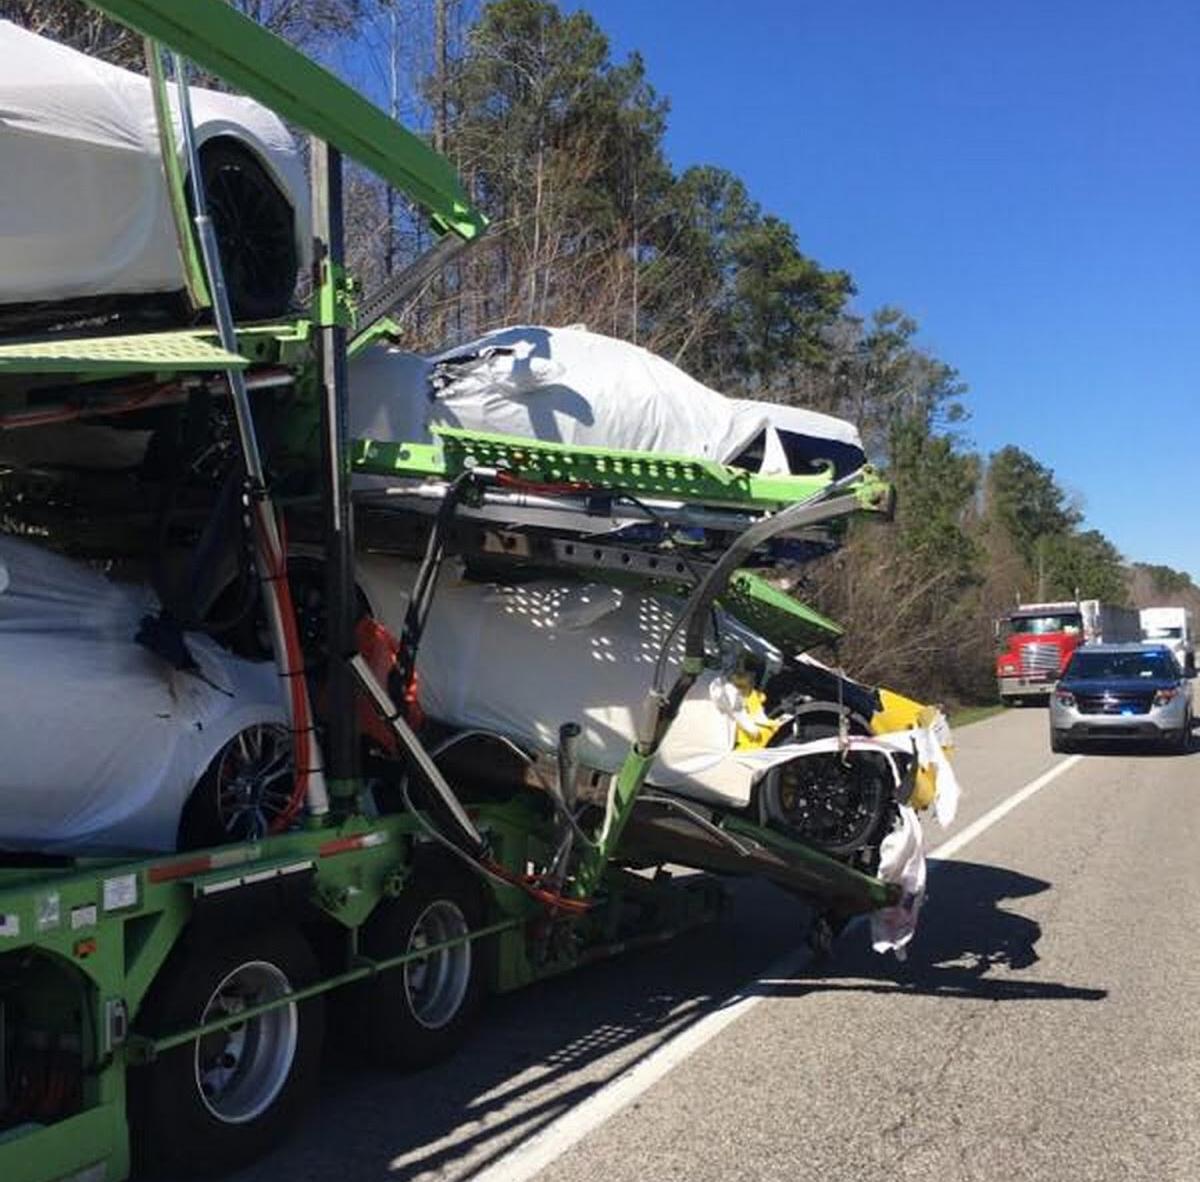 accidente-camion-corvette-c7.jpg